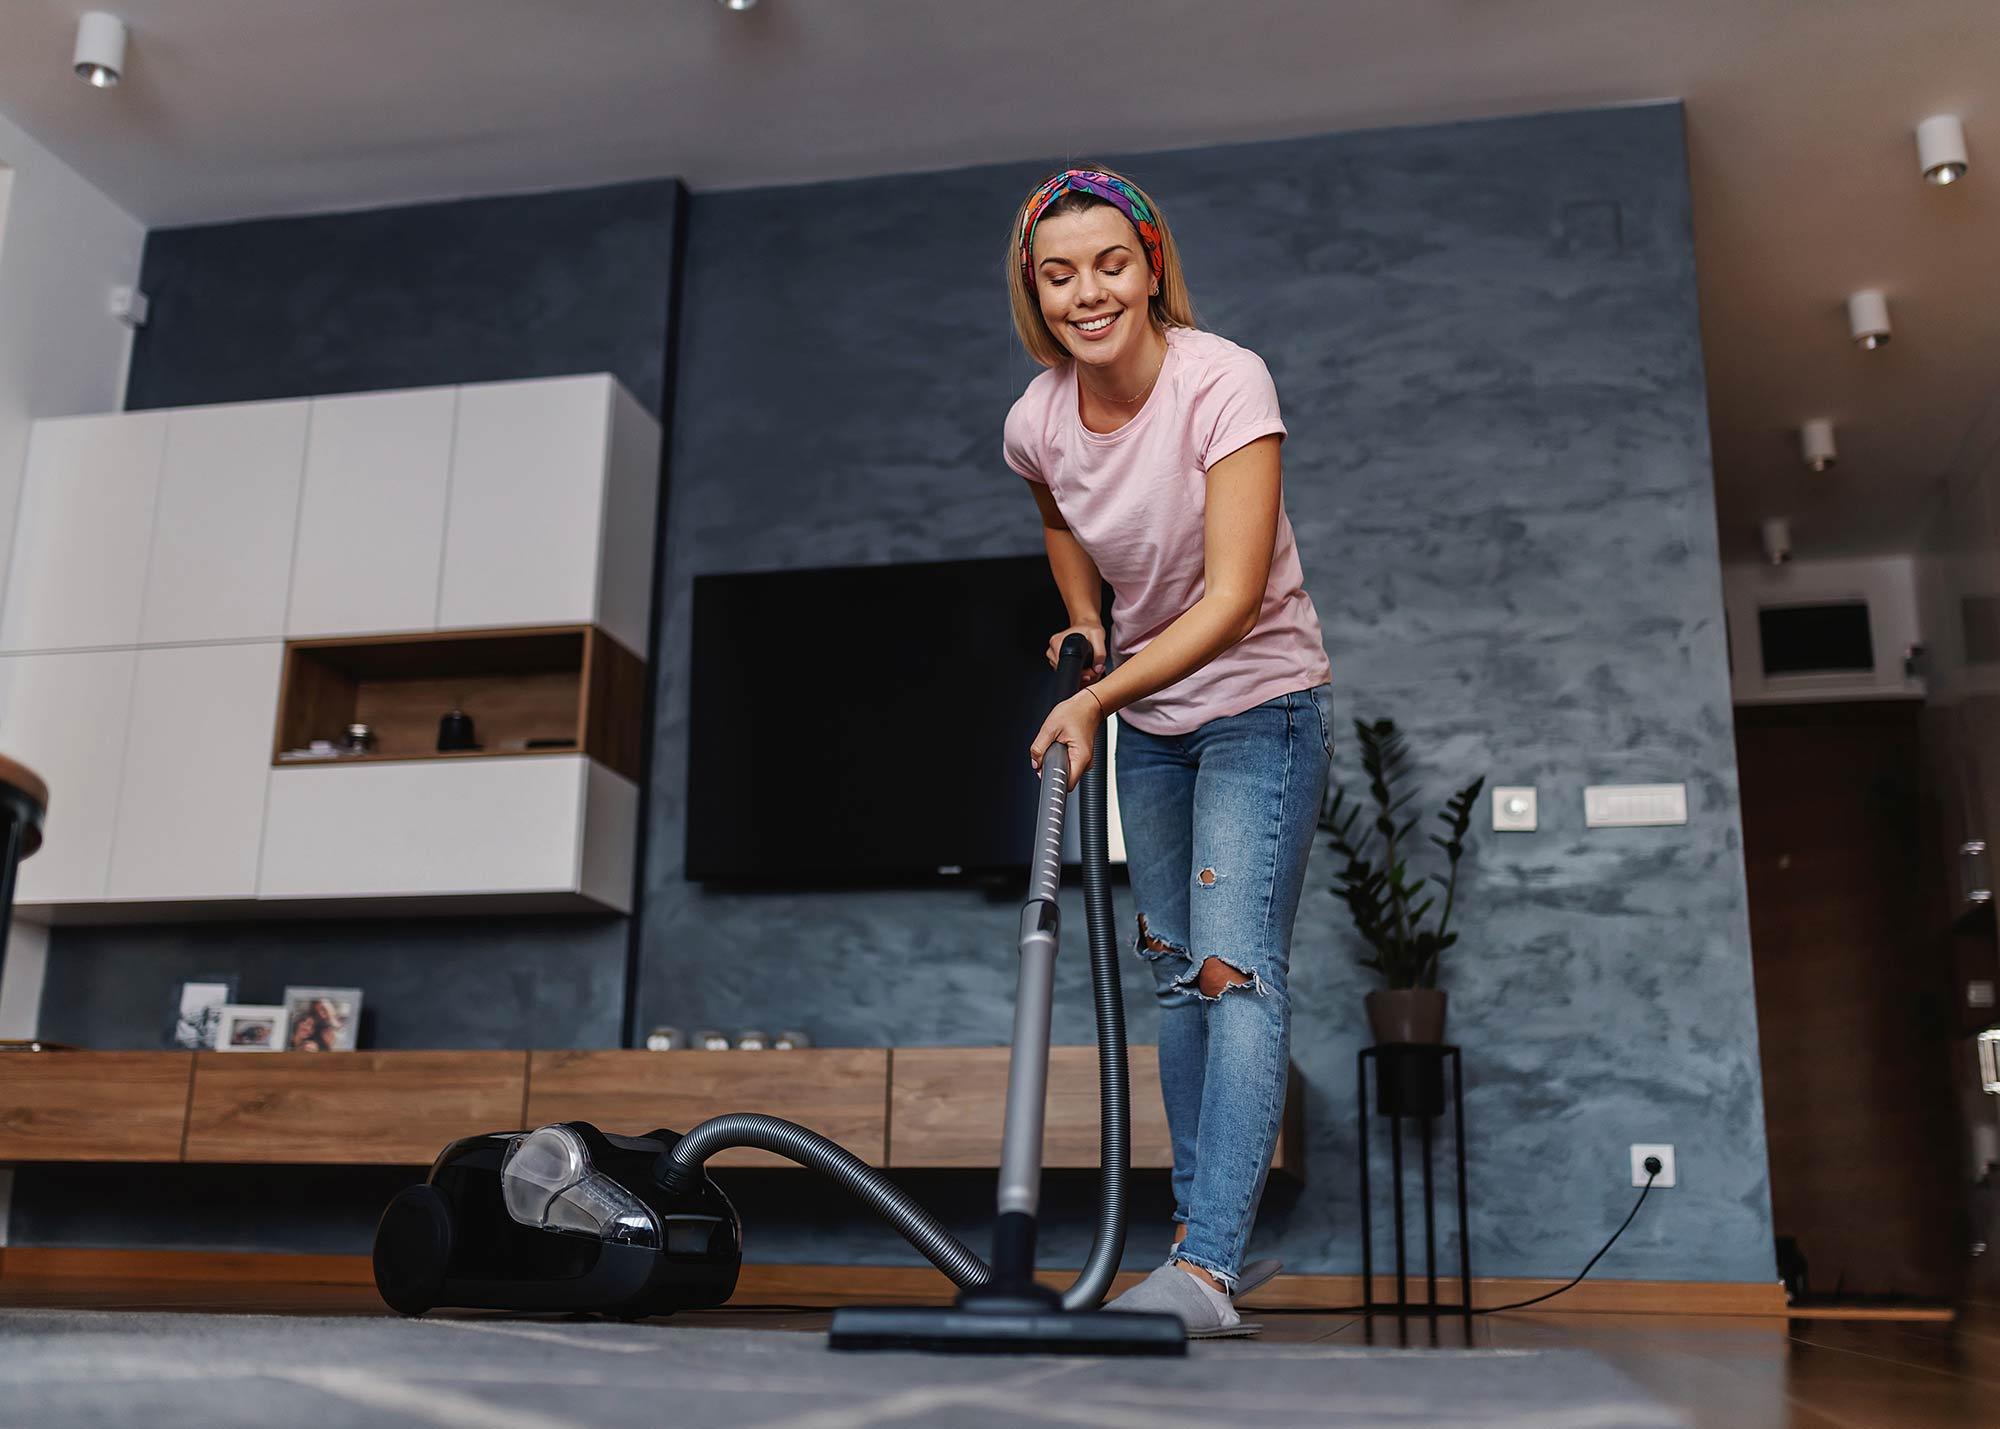 Keep-Home-Clean-In-Between-Maid-Visits